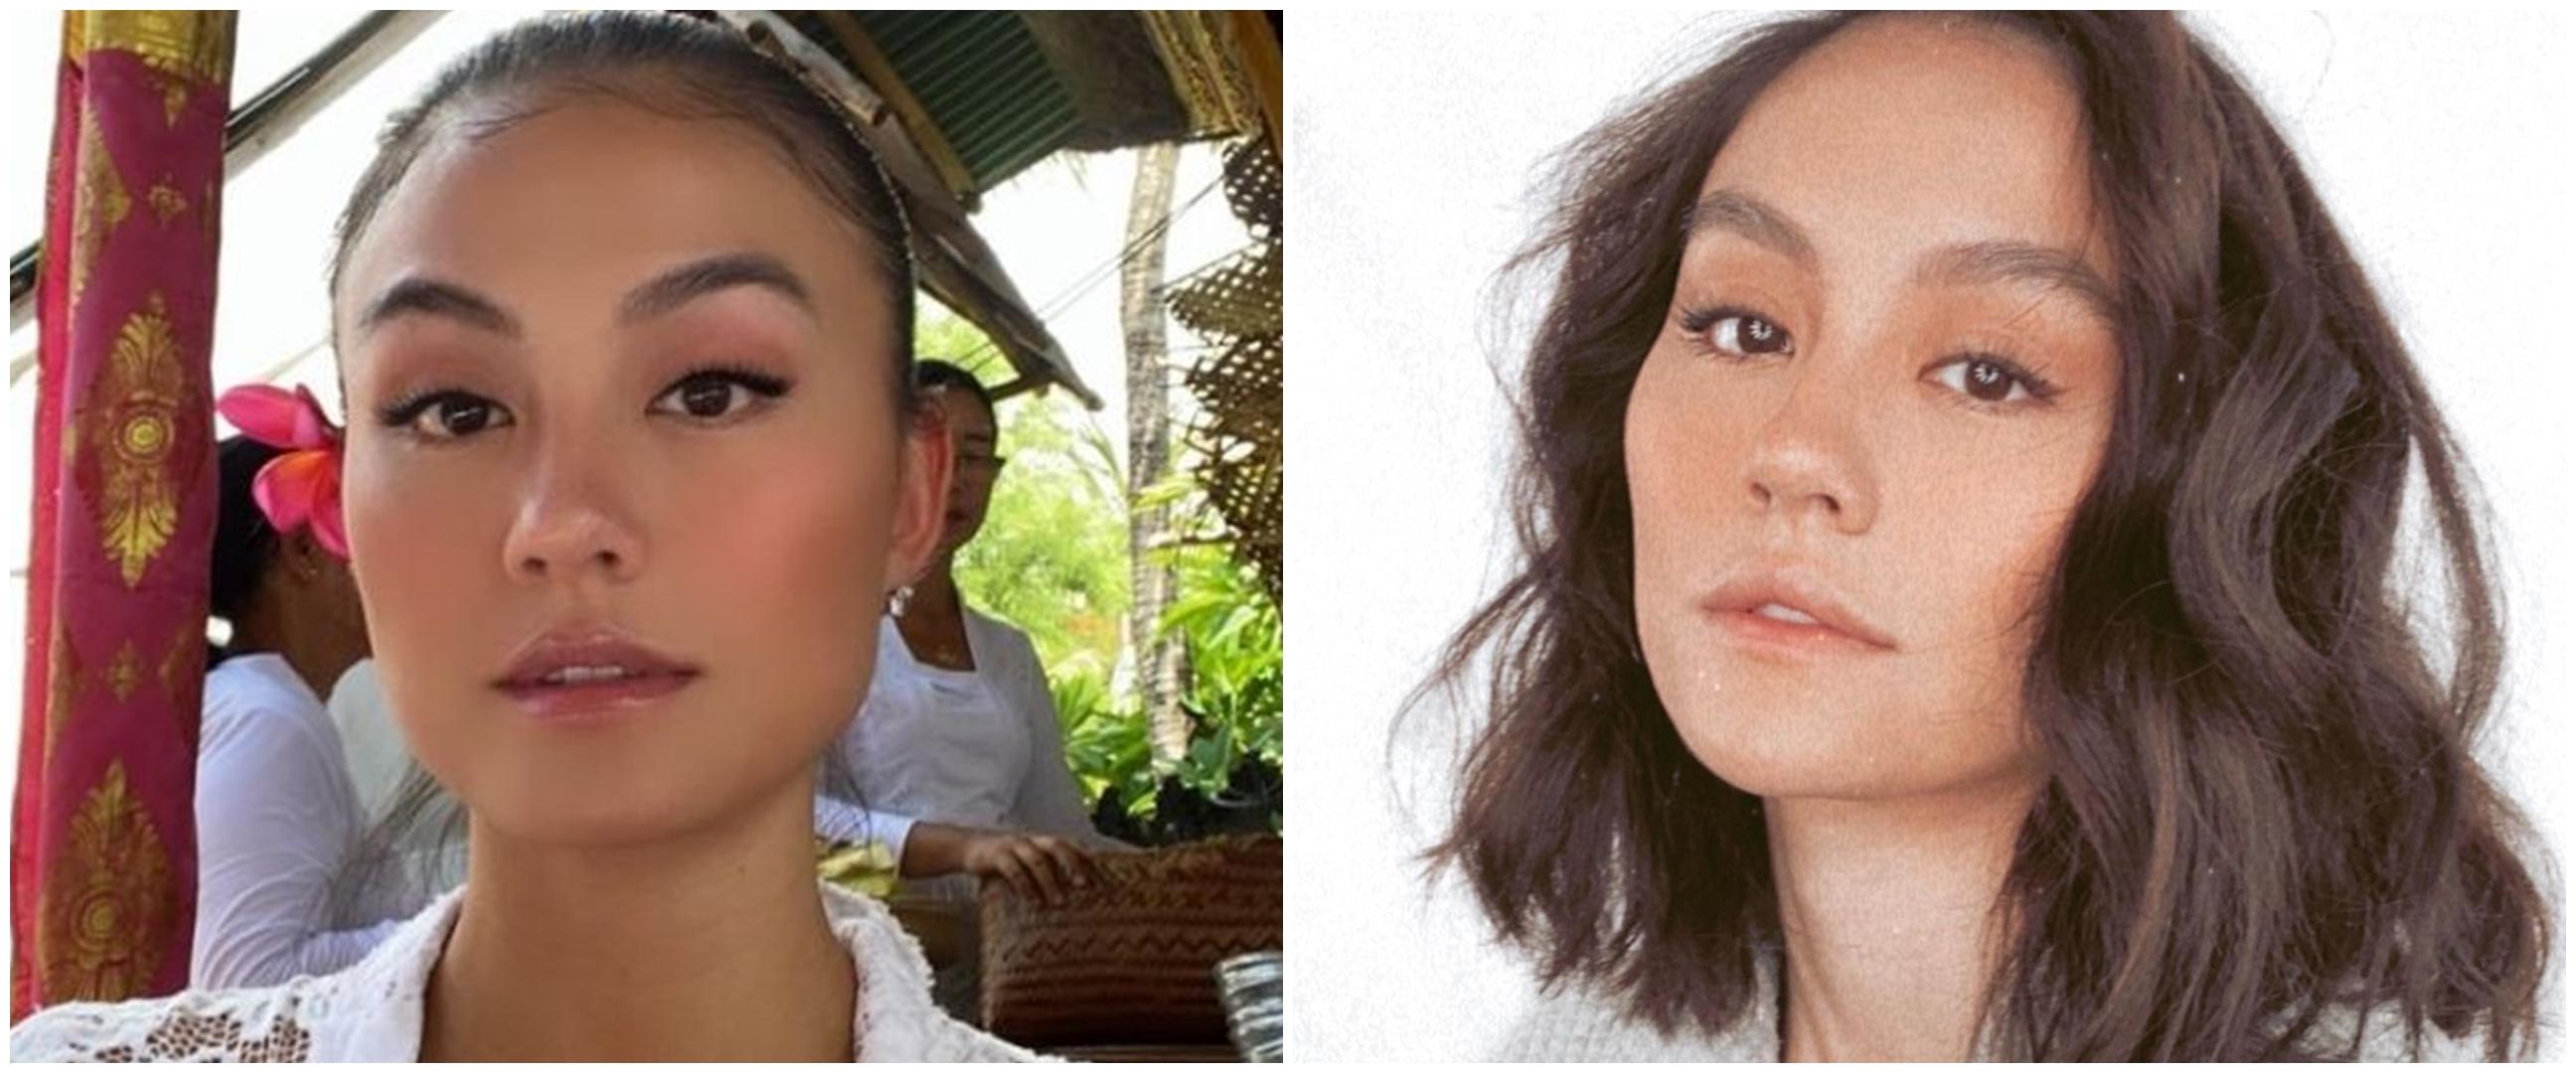 Agnez Mo unggah potret jadul saat SMP, wajahnya bikin salah fokus